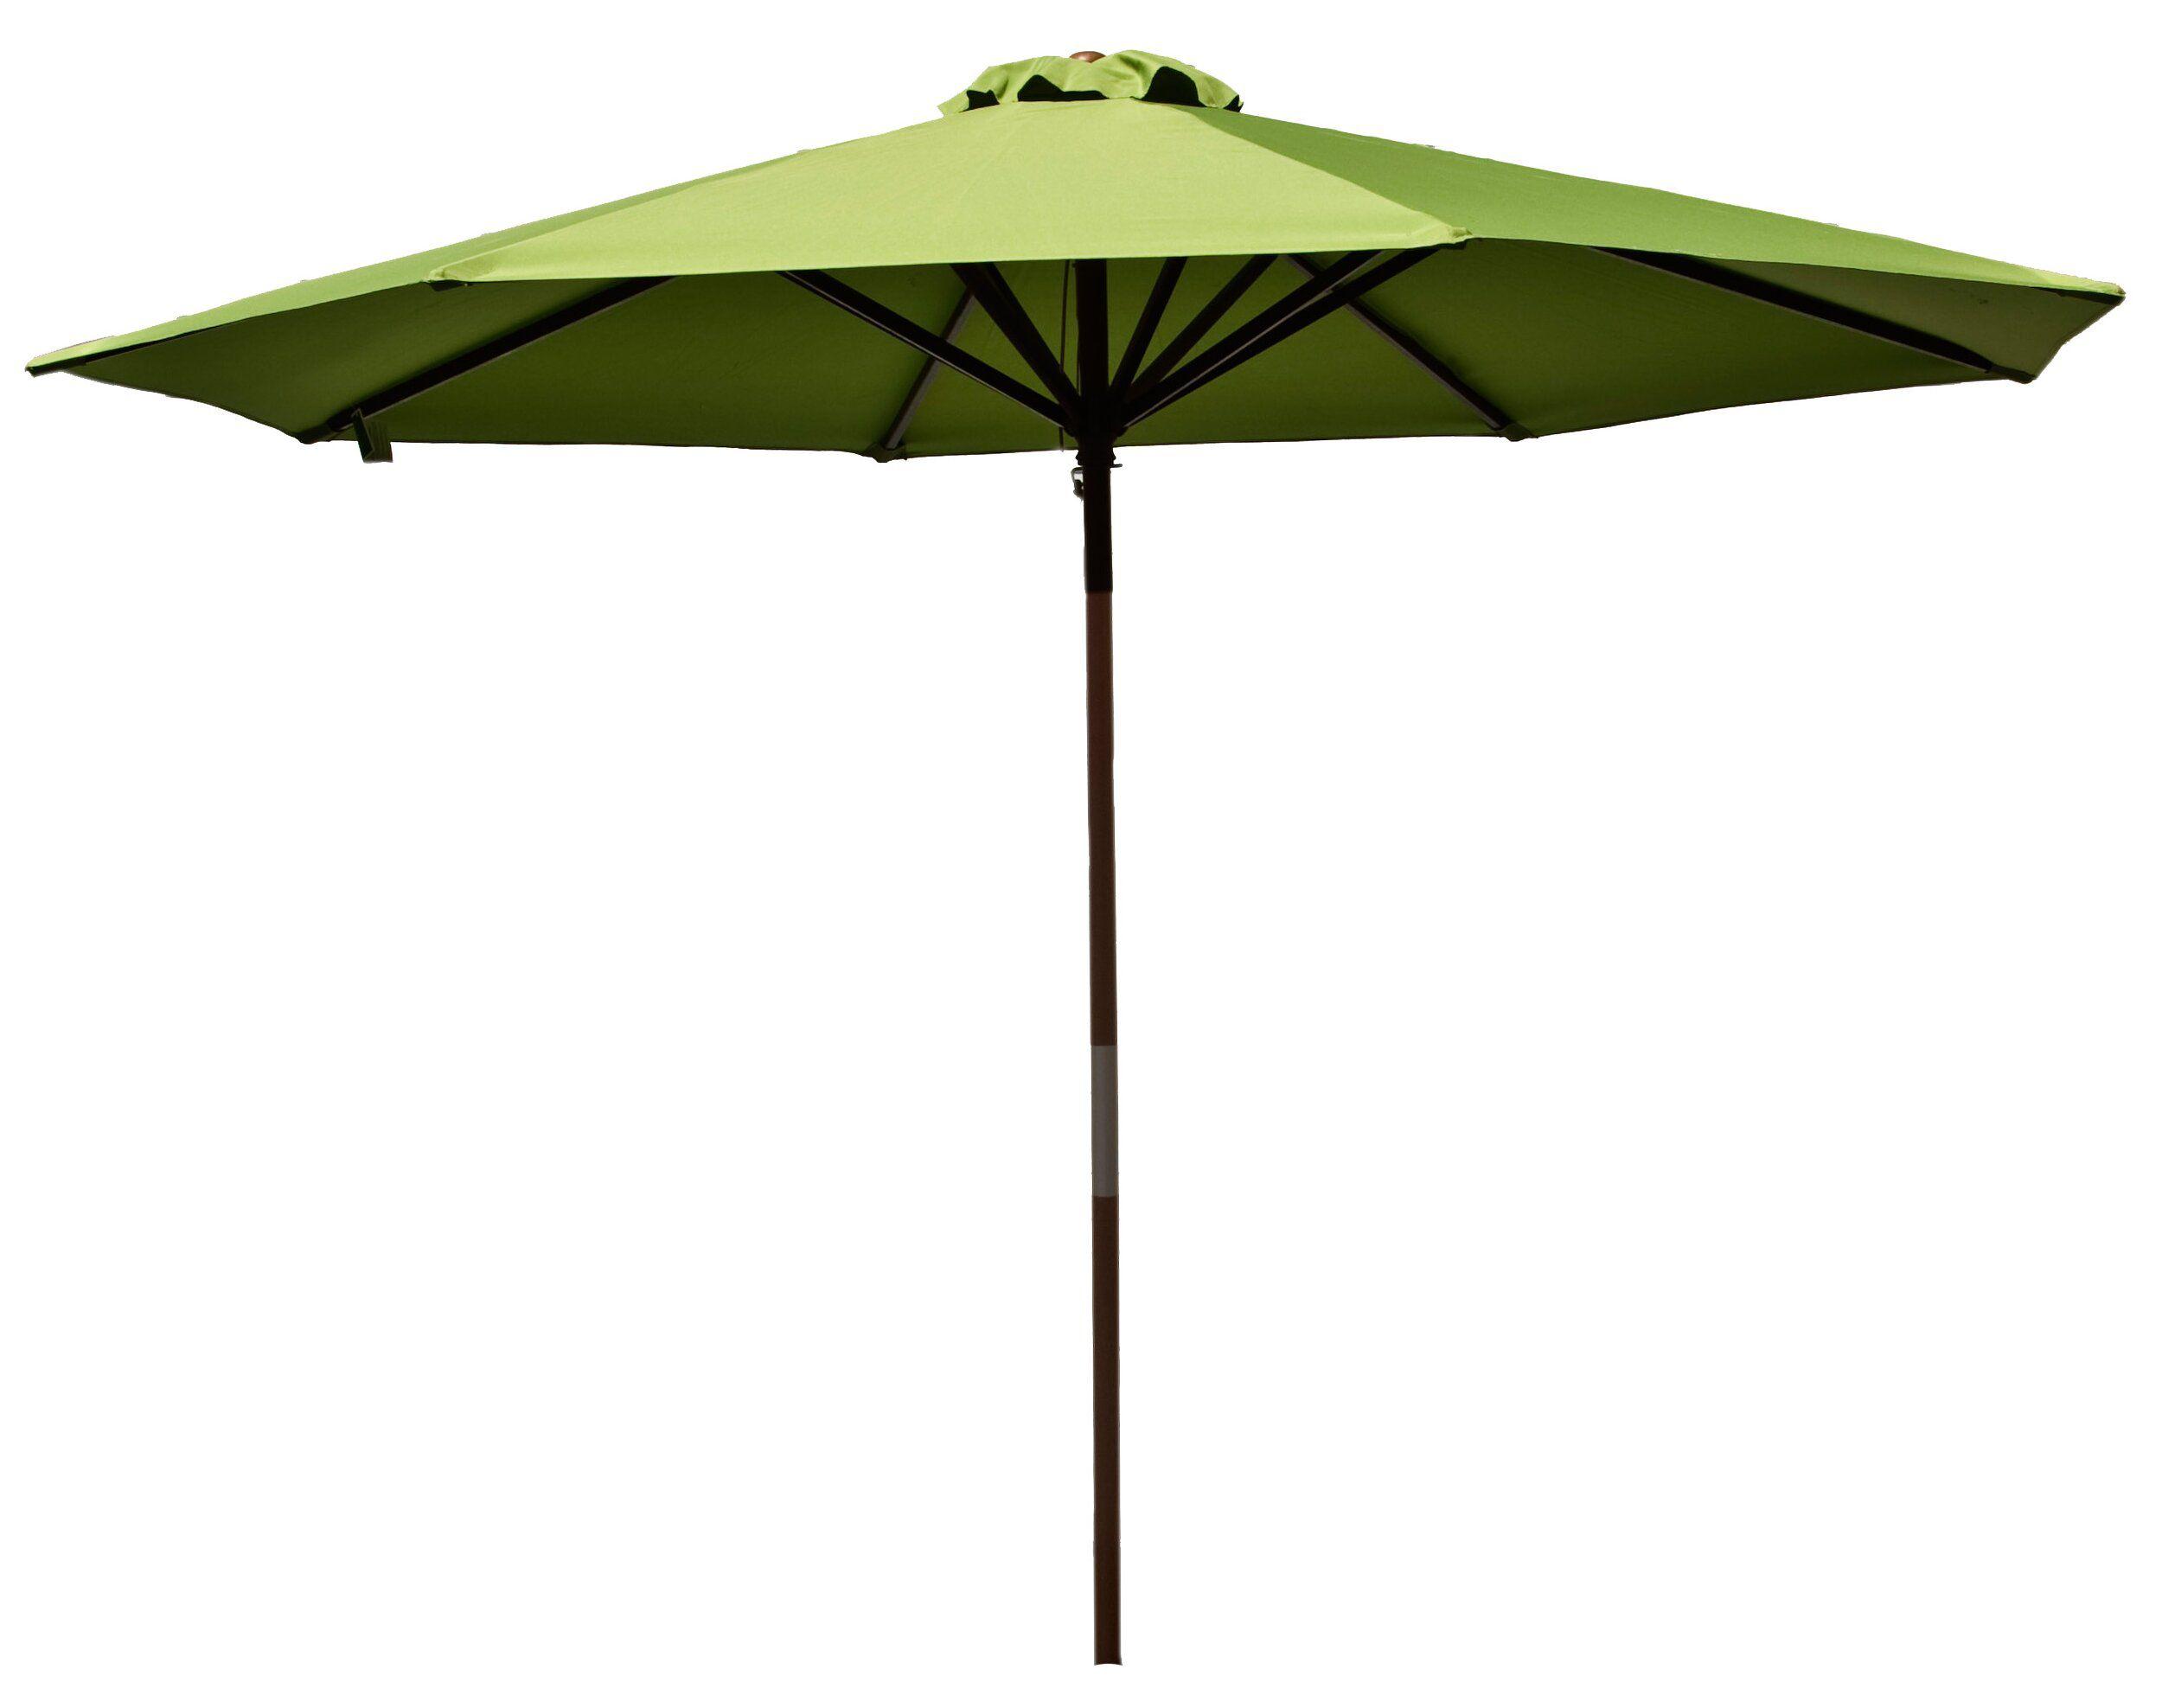 Parasol 9' Market Umbrella